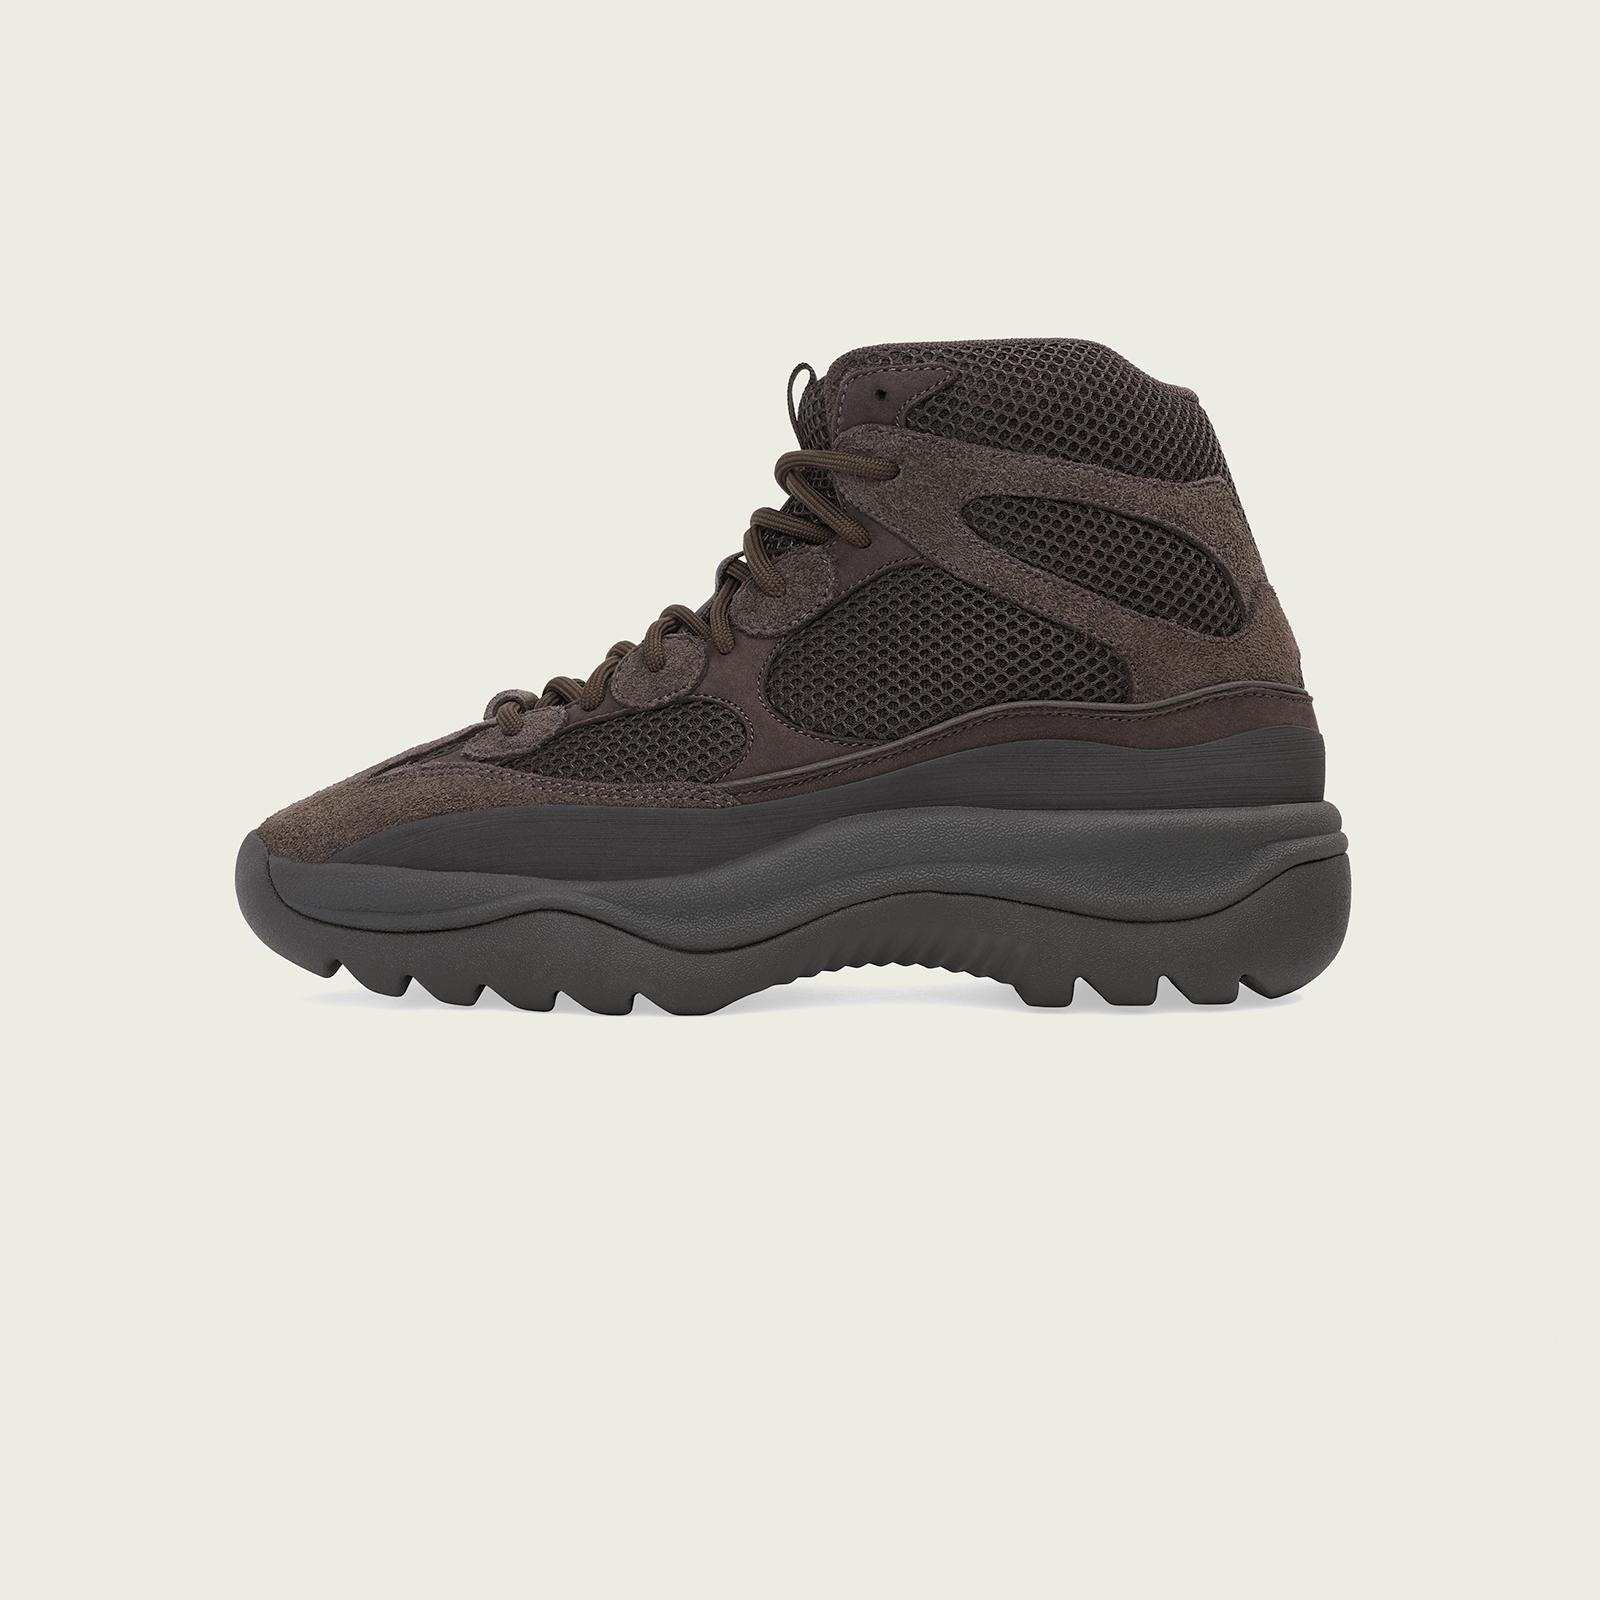 01-adidas-yeezy-desert-boot-oil-eg6463